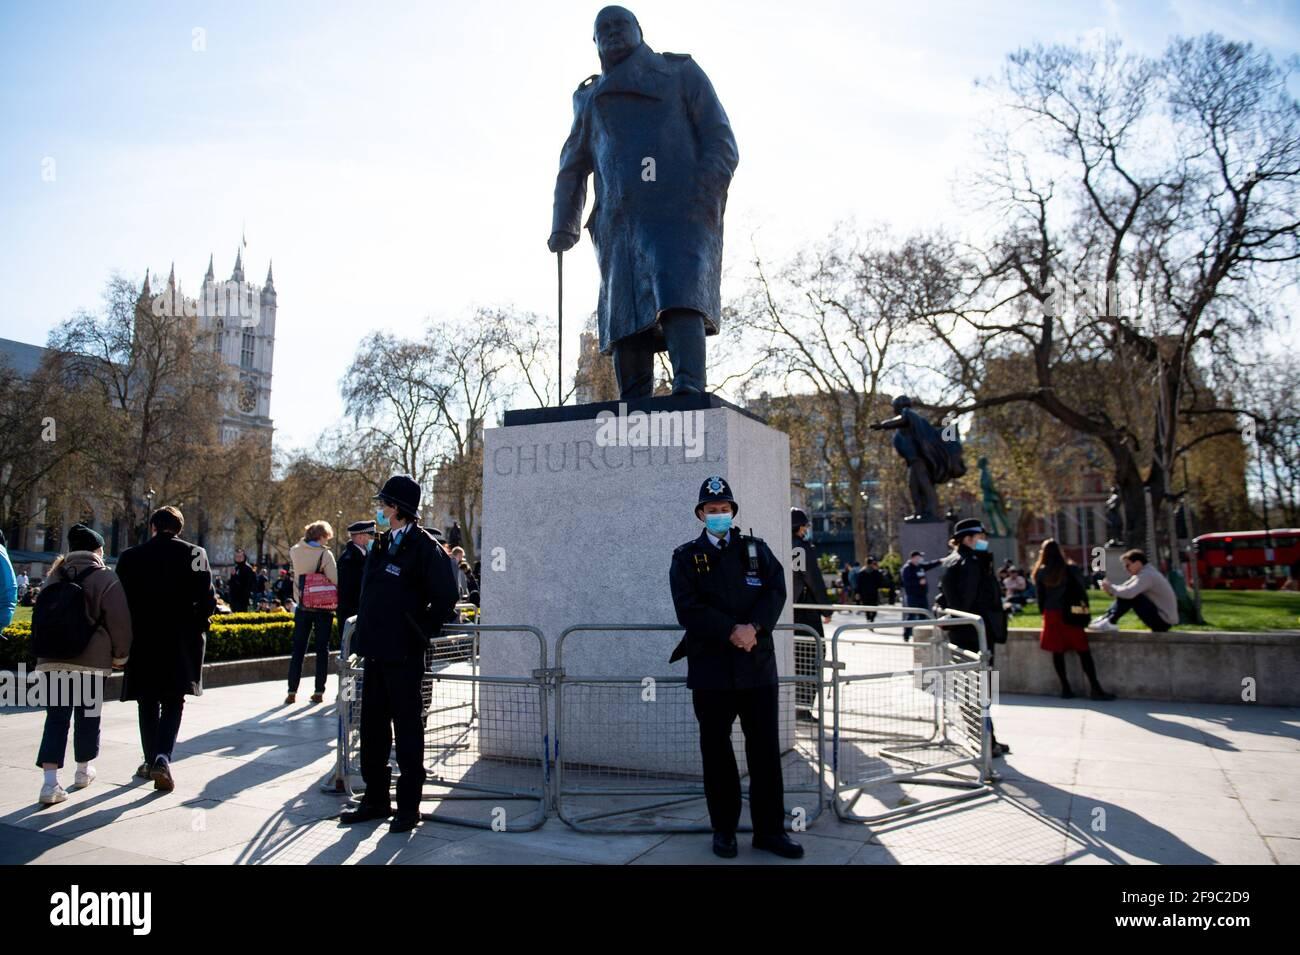 """Gli agenti di polizia si trovano accanto a una statua di Winston Churchill durante una protesta """"Kill the Bill"""" contro la polizia, il crimine, le sentenze e i tribunali Bill in Parliament Square, Londra. Data immagine: Sabato 17 aprile 2021. Foto Stock"""